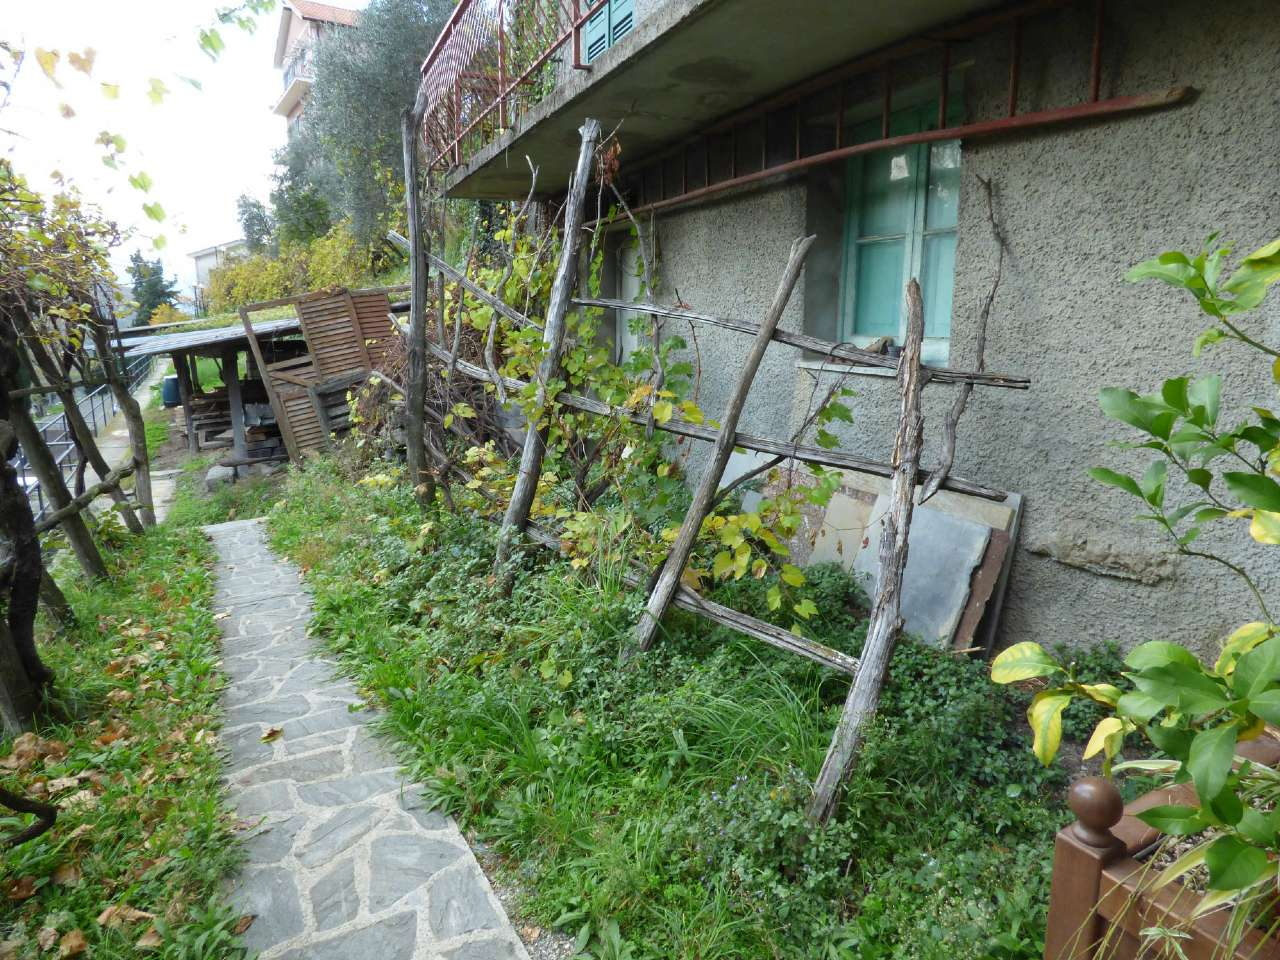 Appartamento in vendita a Lorsica, 4 locali, prezzo € 12.000 | CambioCasa.it